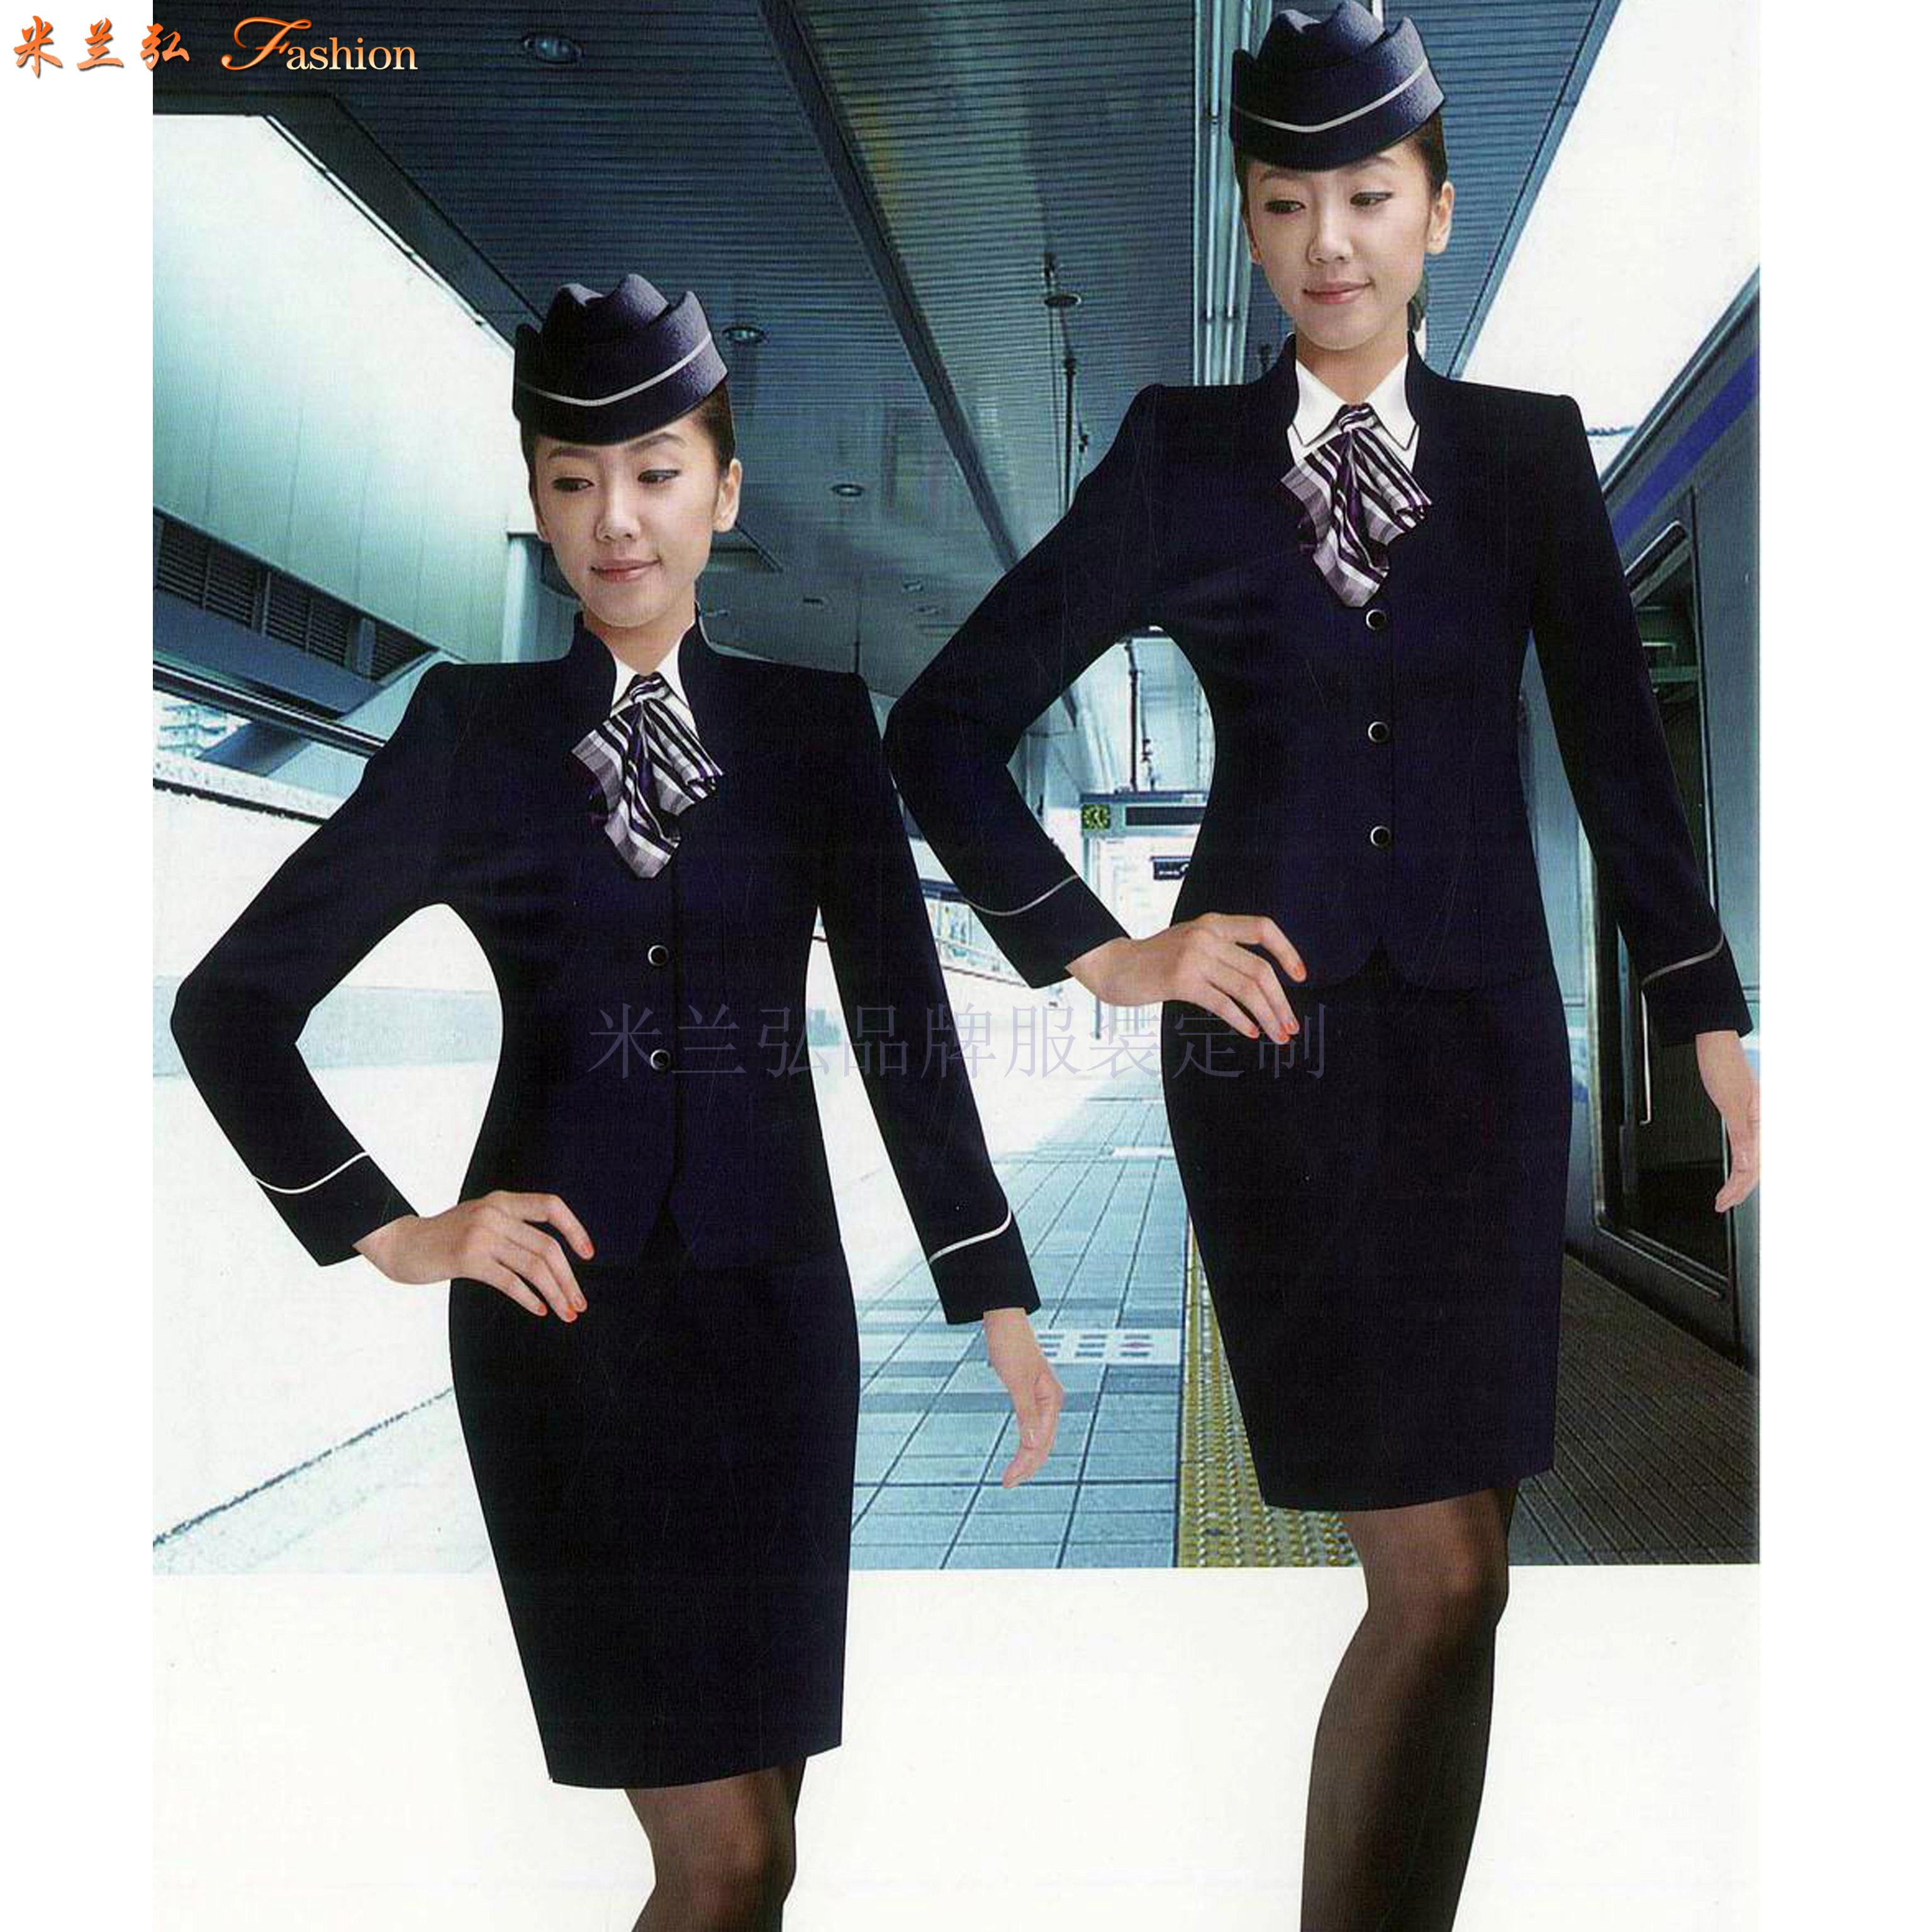 「空姐服装春秋款」贵州专业量身定制空姐服的公司-米兰弘服装-4